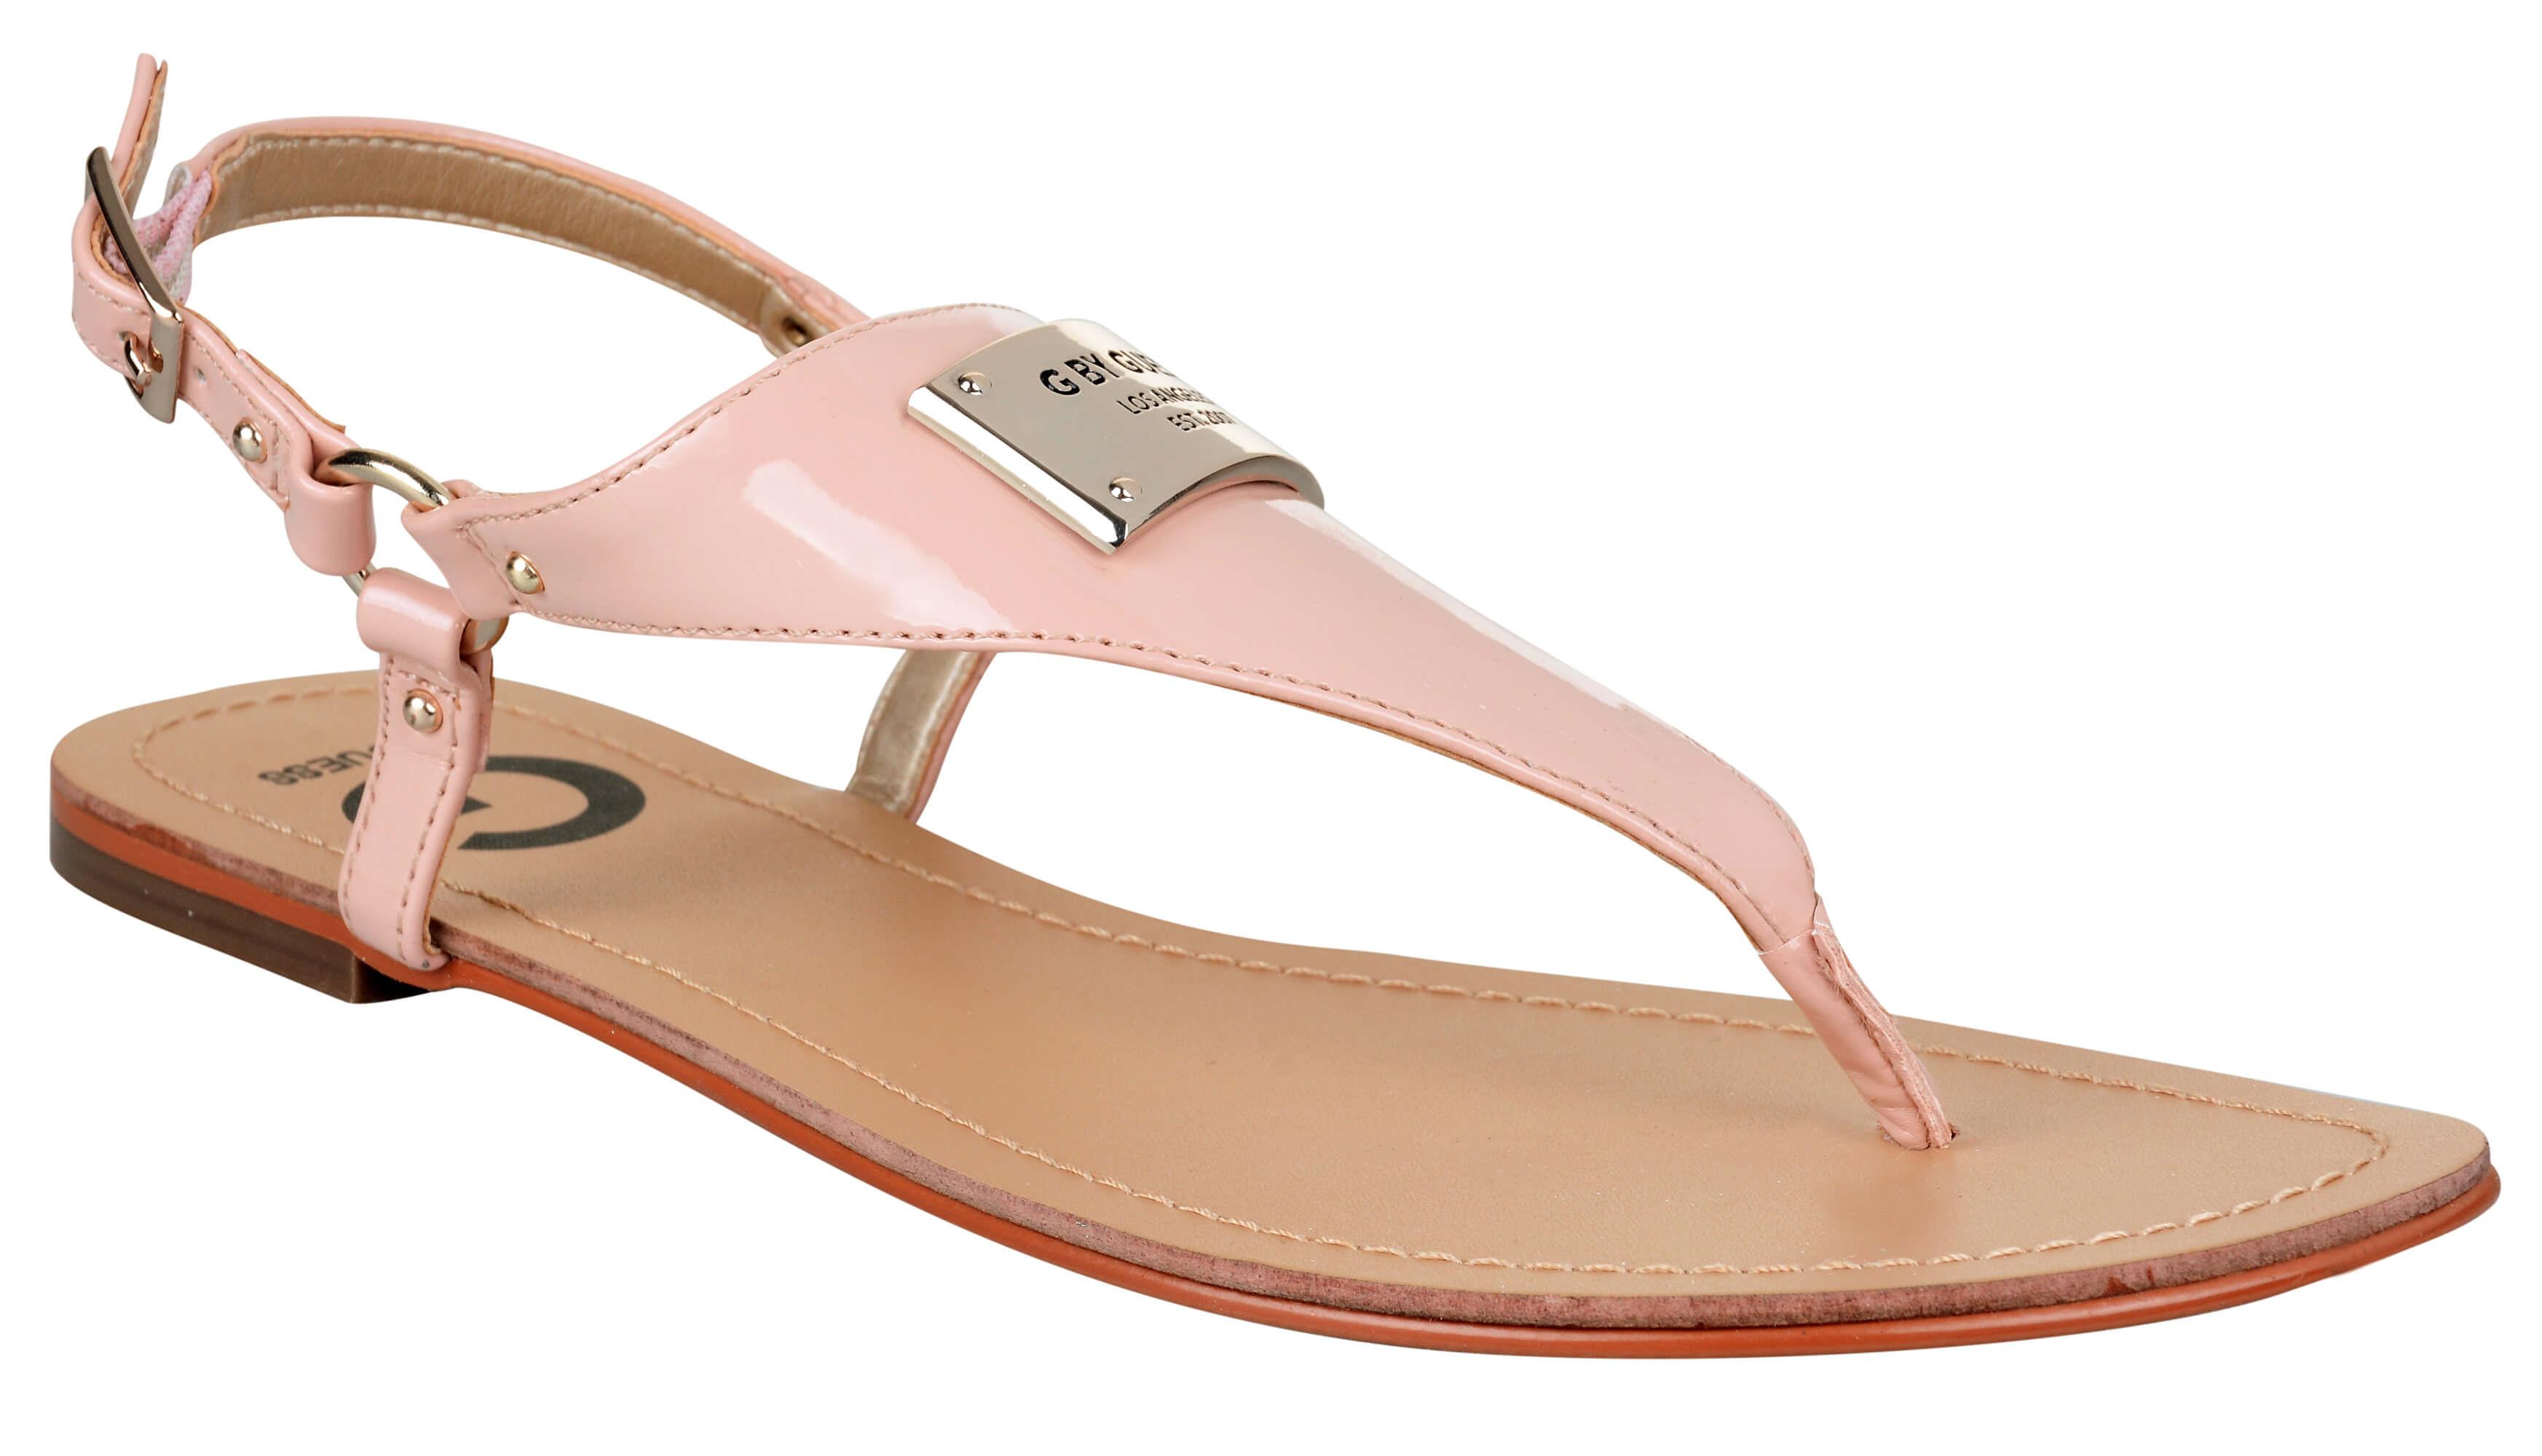 Guess Sandale pentru femei G de către Guess Karmin Faux-Leather Sandals Rose 3834e88d0e3